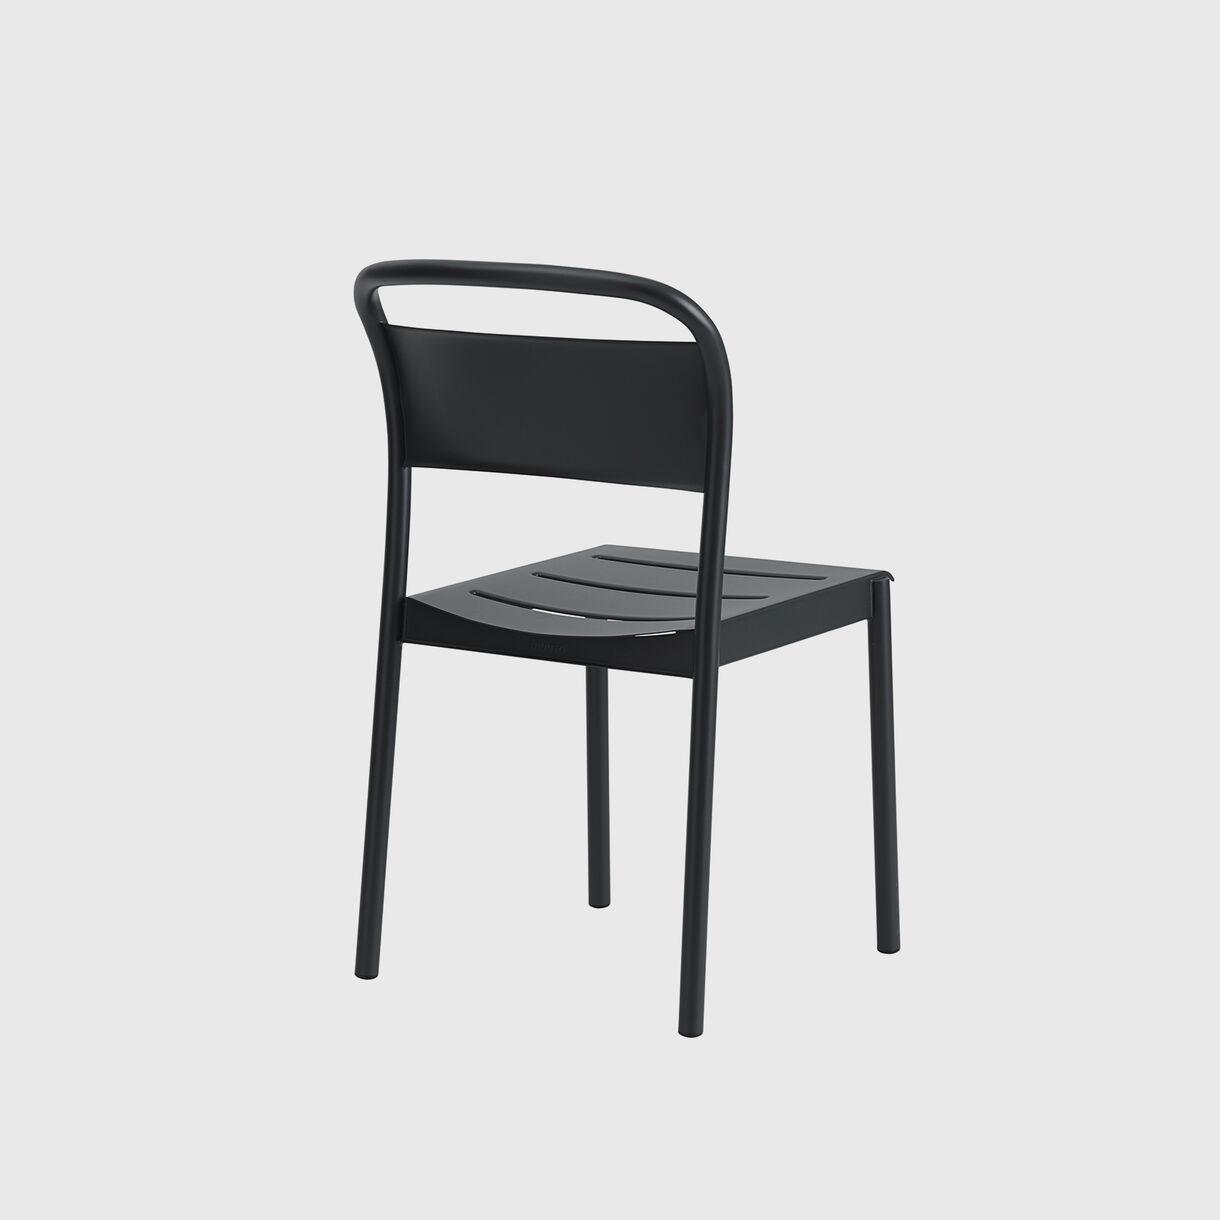 Linear Steel Side Chair, Black